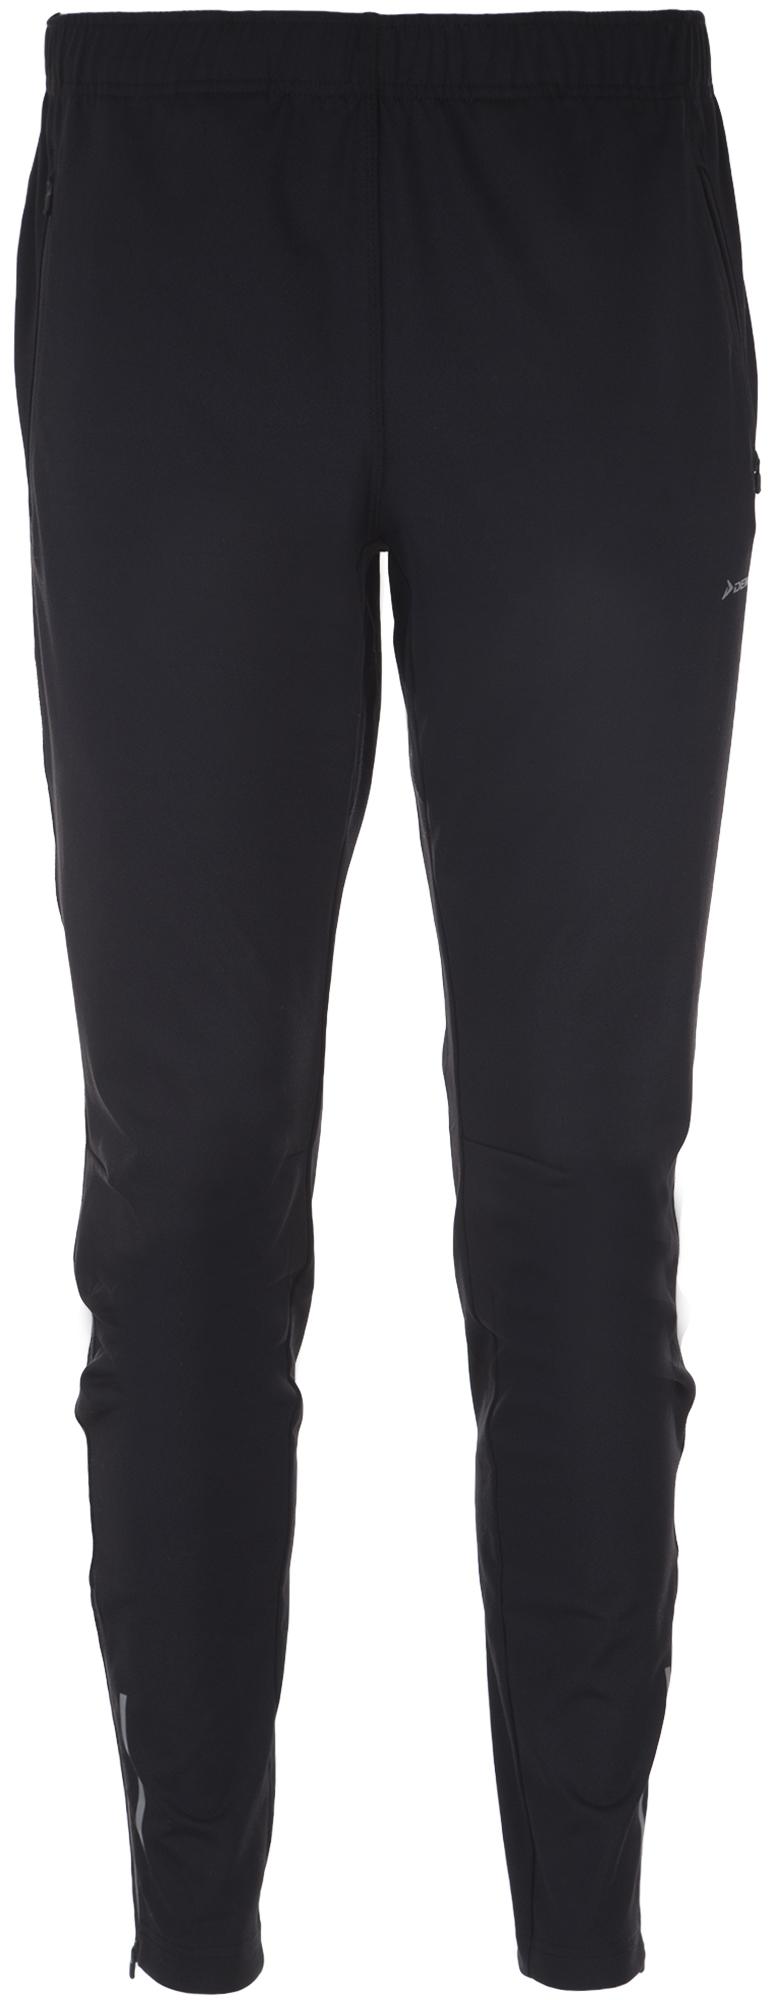 Demix Брюки мужские Demix, размер 54 брюки мужские sela цвет темно серый меланж pk 2415 012 8310 размер xxl 54